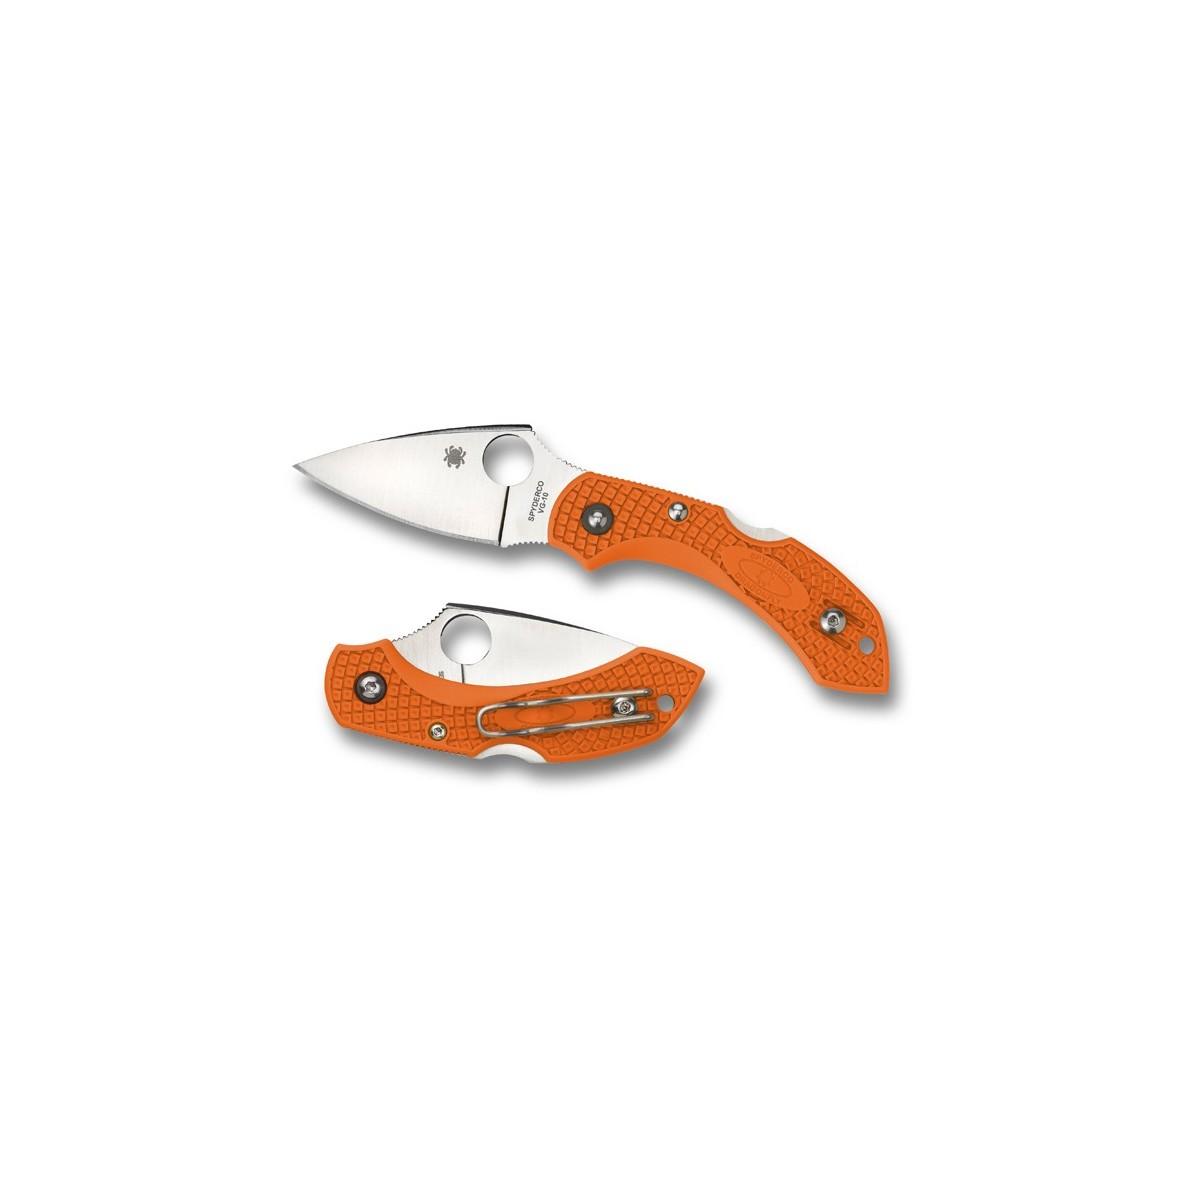 """มีดพับ Spyderco Dragonfly 2 Folding Knife 2-5/16"""" VG10 Plain Blade, Orange FRN Handles,C28POR2"""